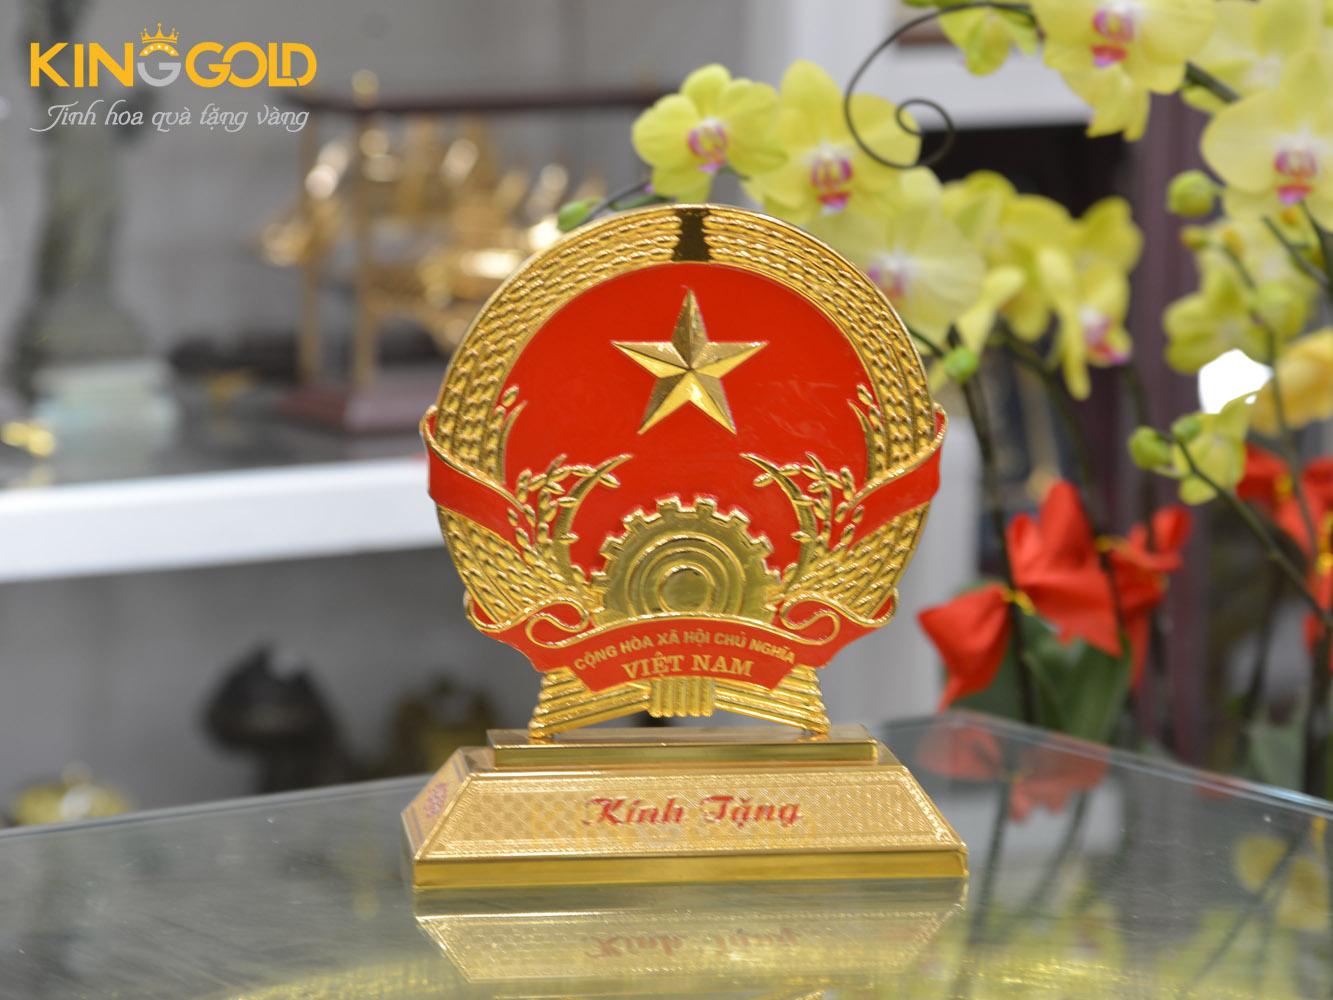 Quốc huy Việt nam mạ vàng biểu tượng thiêng liêng dân tộc